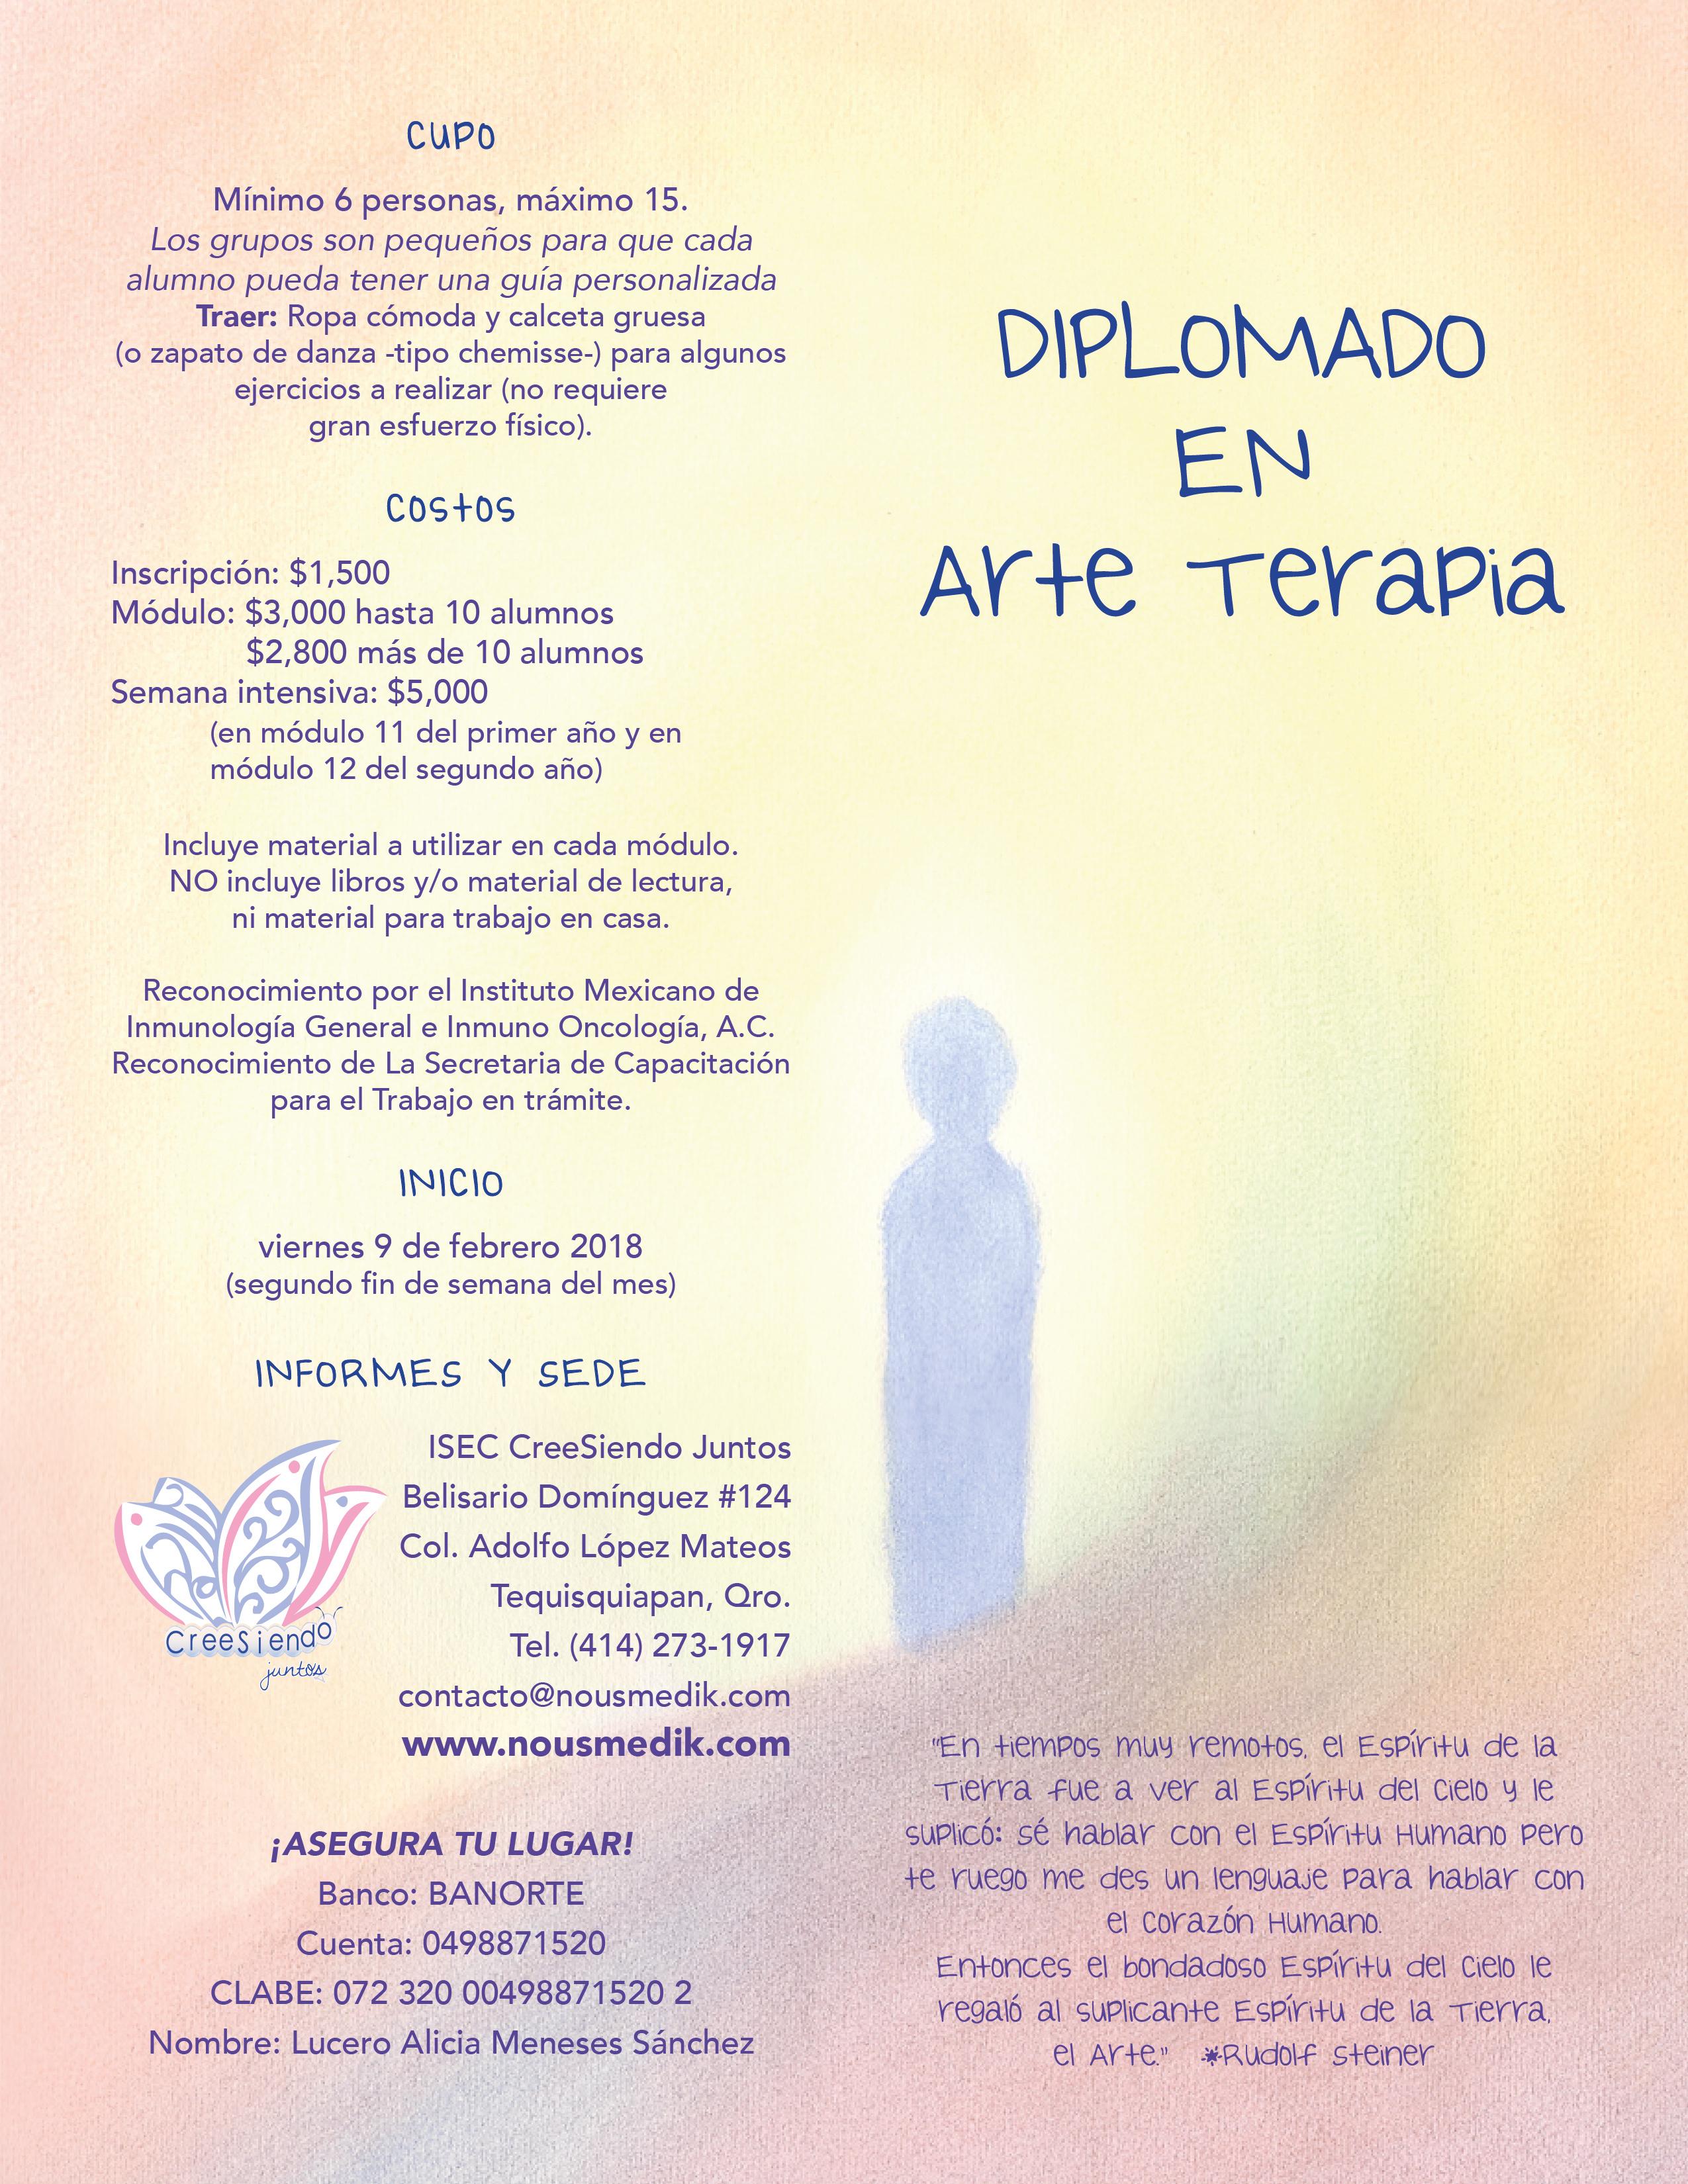 Diplomado en ArteTerapia